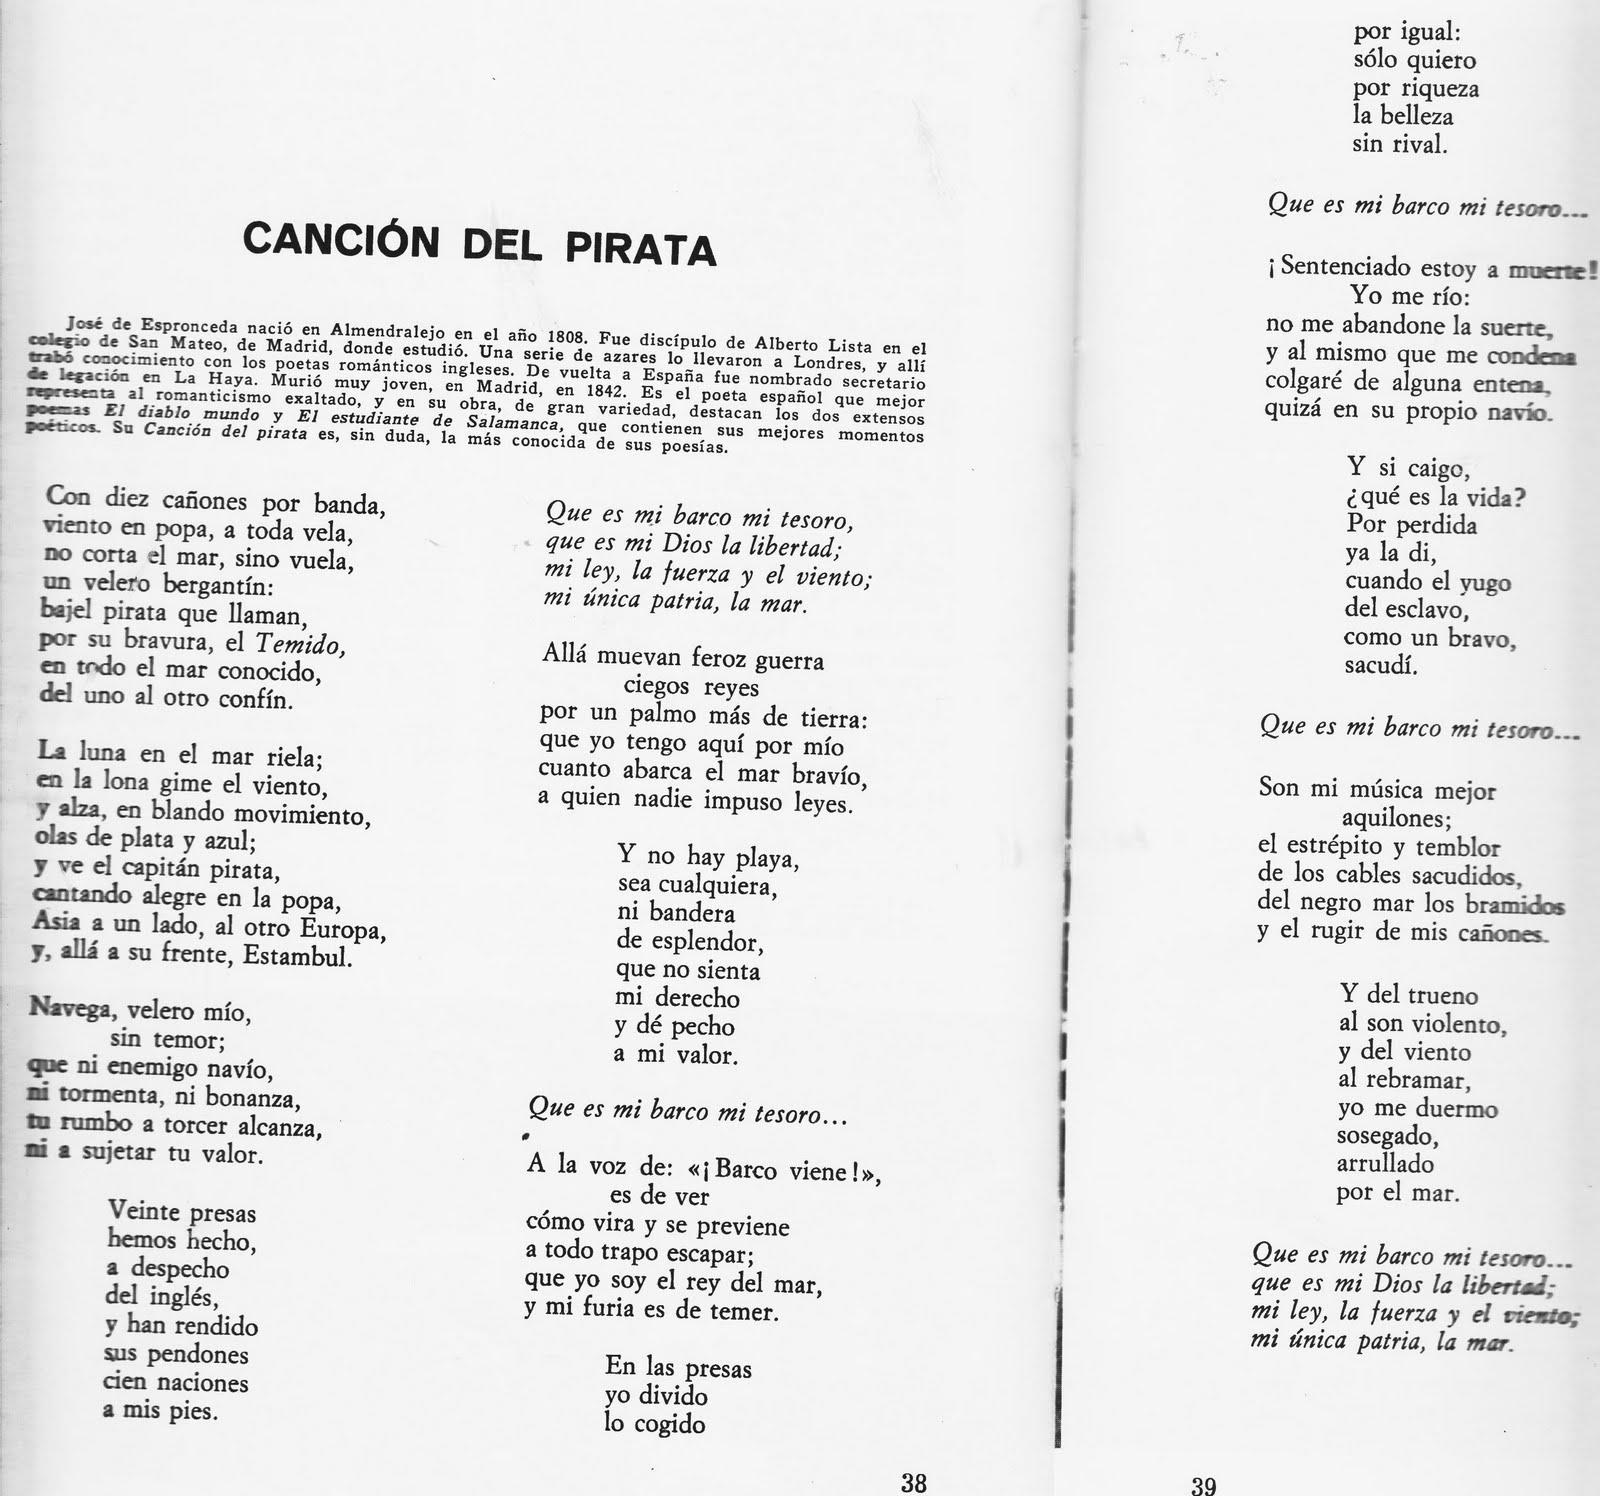 letra de cancion pirata de boquita: